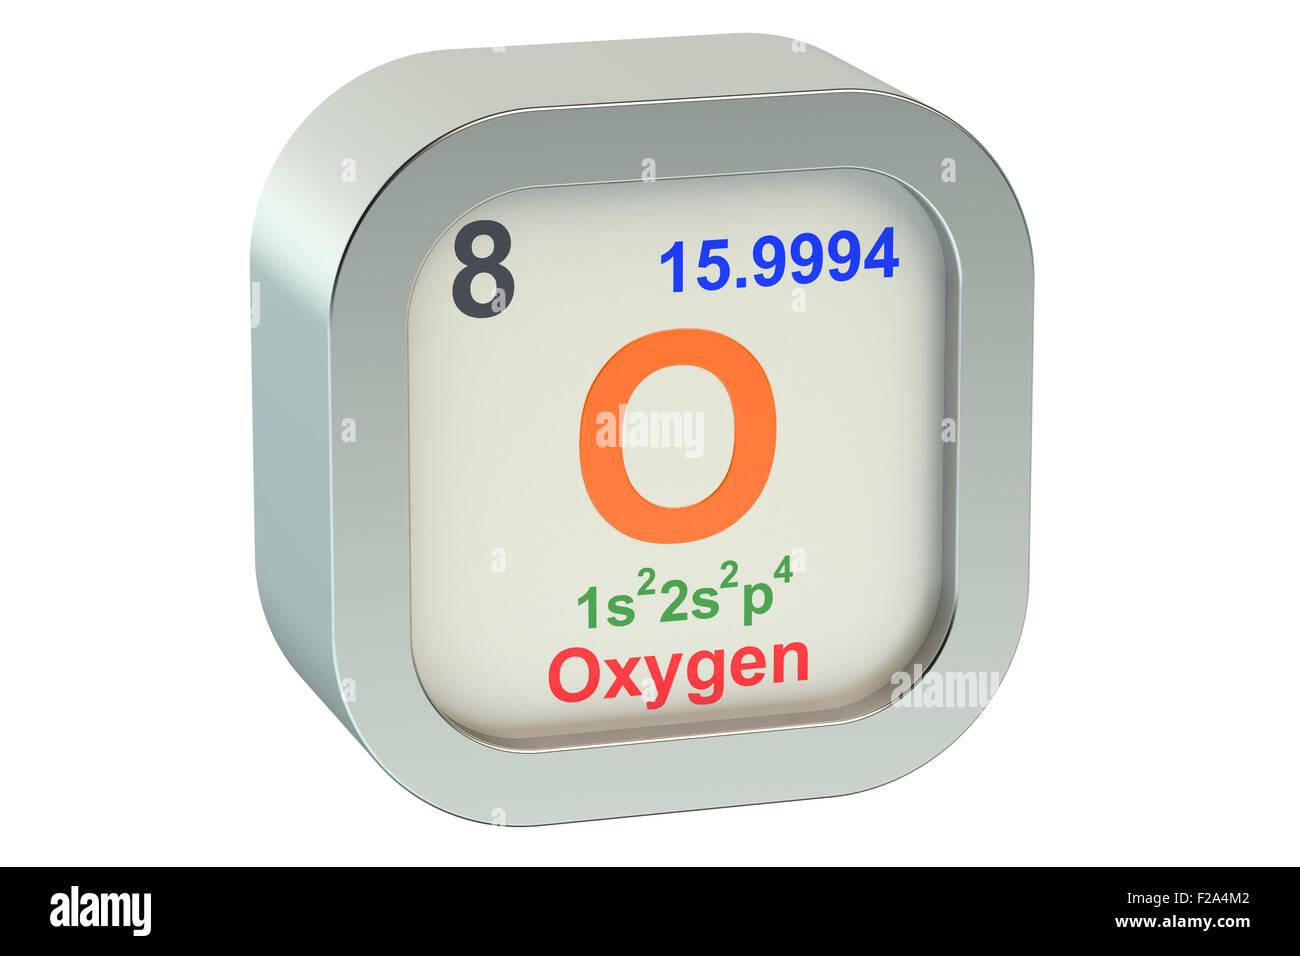 Oxygen Element Isolated On White Background Stock Photo 87504370